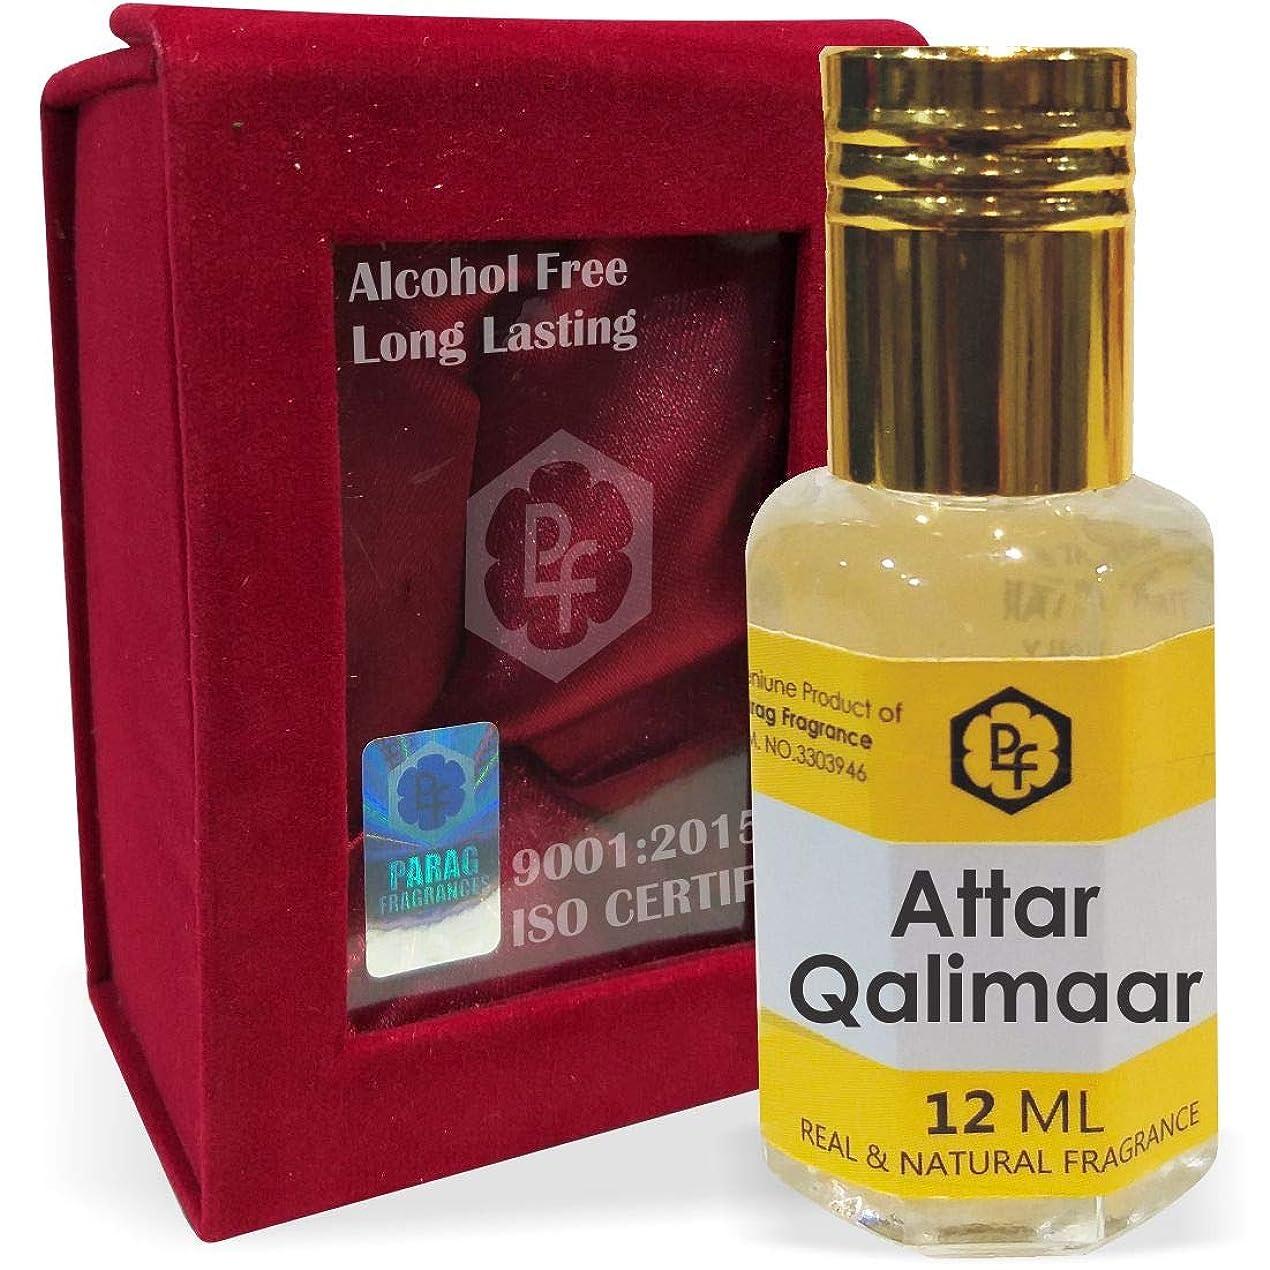 ペパーミントあご候補者ParagフレグランスQalimaar手作りベルベットボックス12ミリリットルアター/香水(インドの伝統的なBhapka処理方法により、インド製)オイル/フレグランスオイル|長持ちアターITRA最高の品質